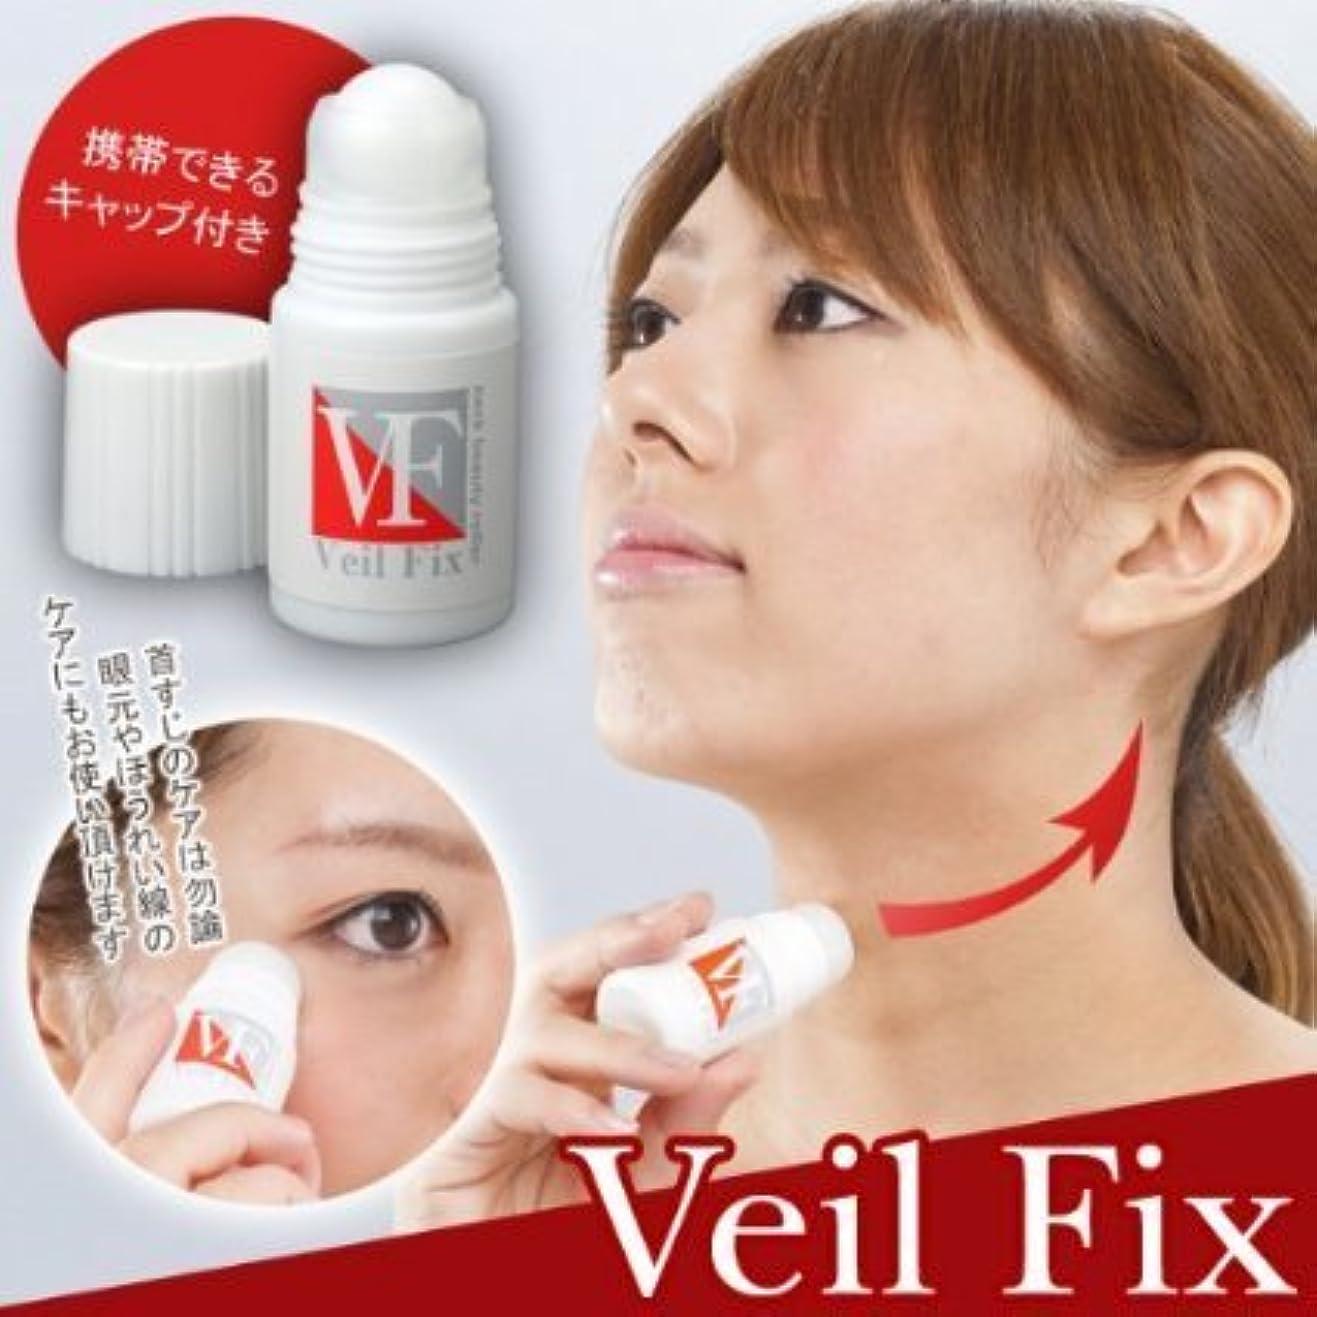 矢じりを除くスケートVeil Fix neck beauty roller(ヴェイル フィックス ネックビューティーローラー)VFエッセンス 20ml